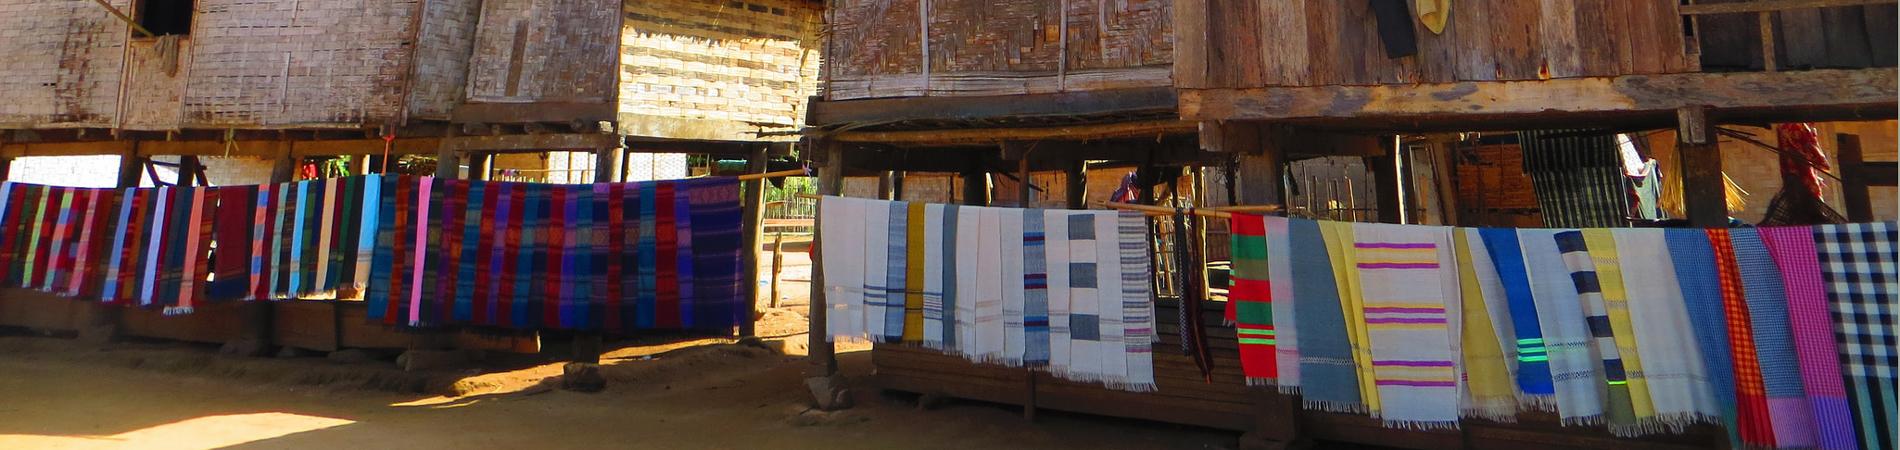 Marco LAO village c sheets header